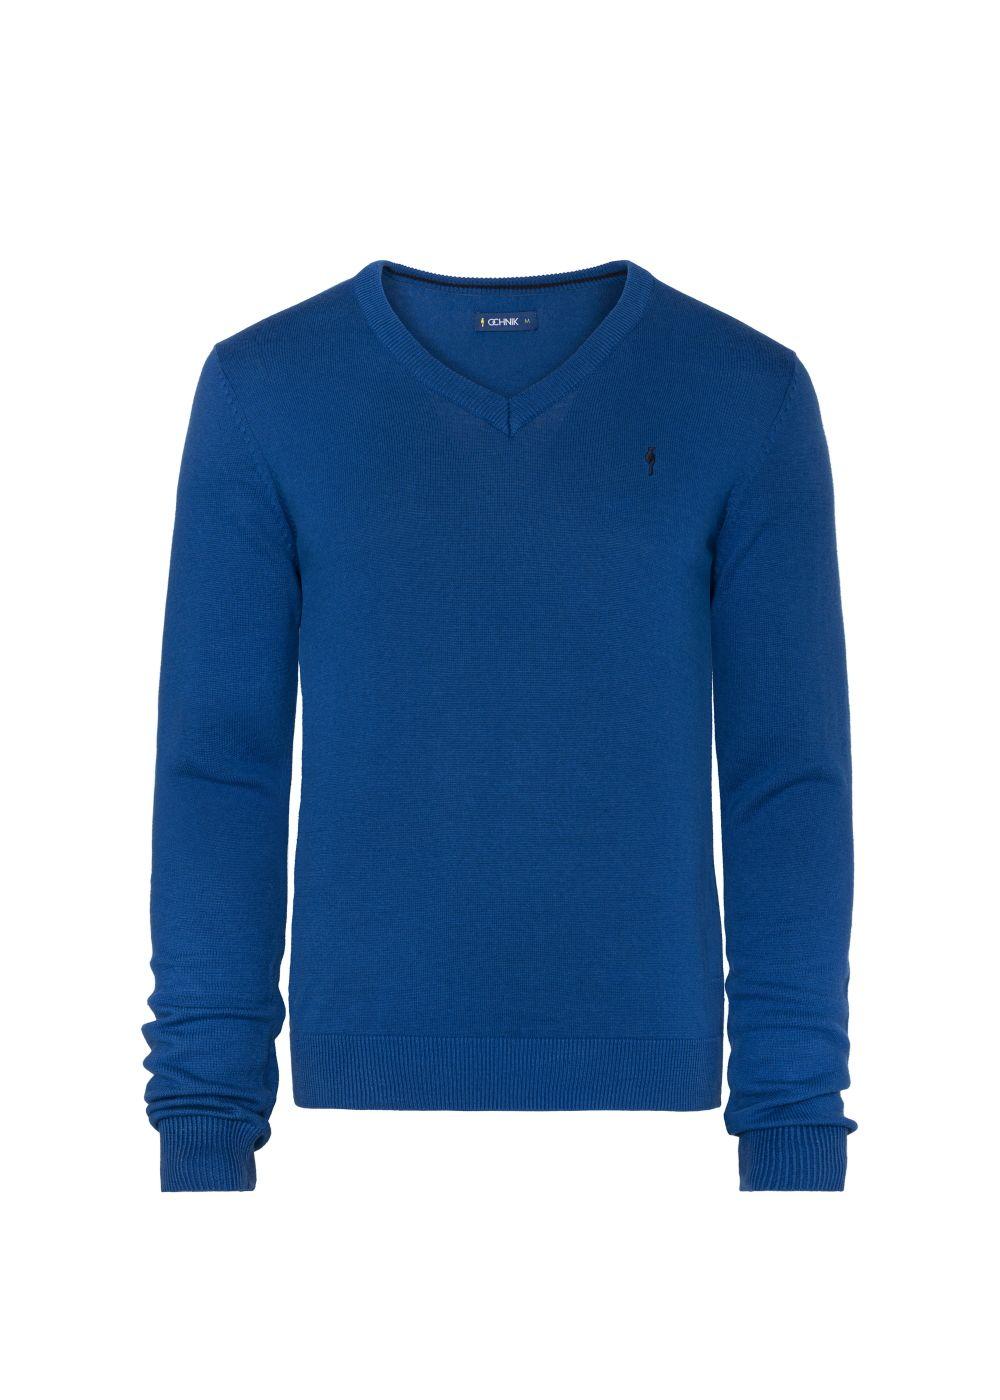 Sweter męski SWEMT-0081-69(W21)